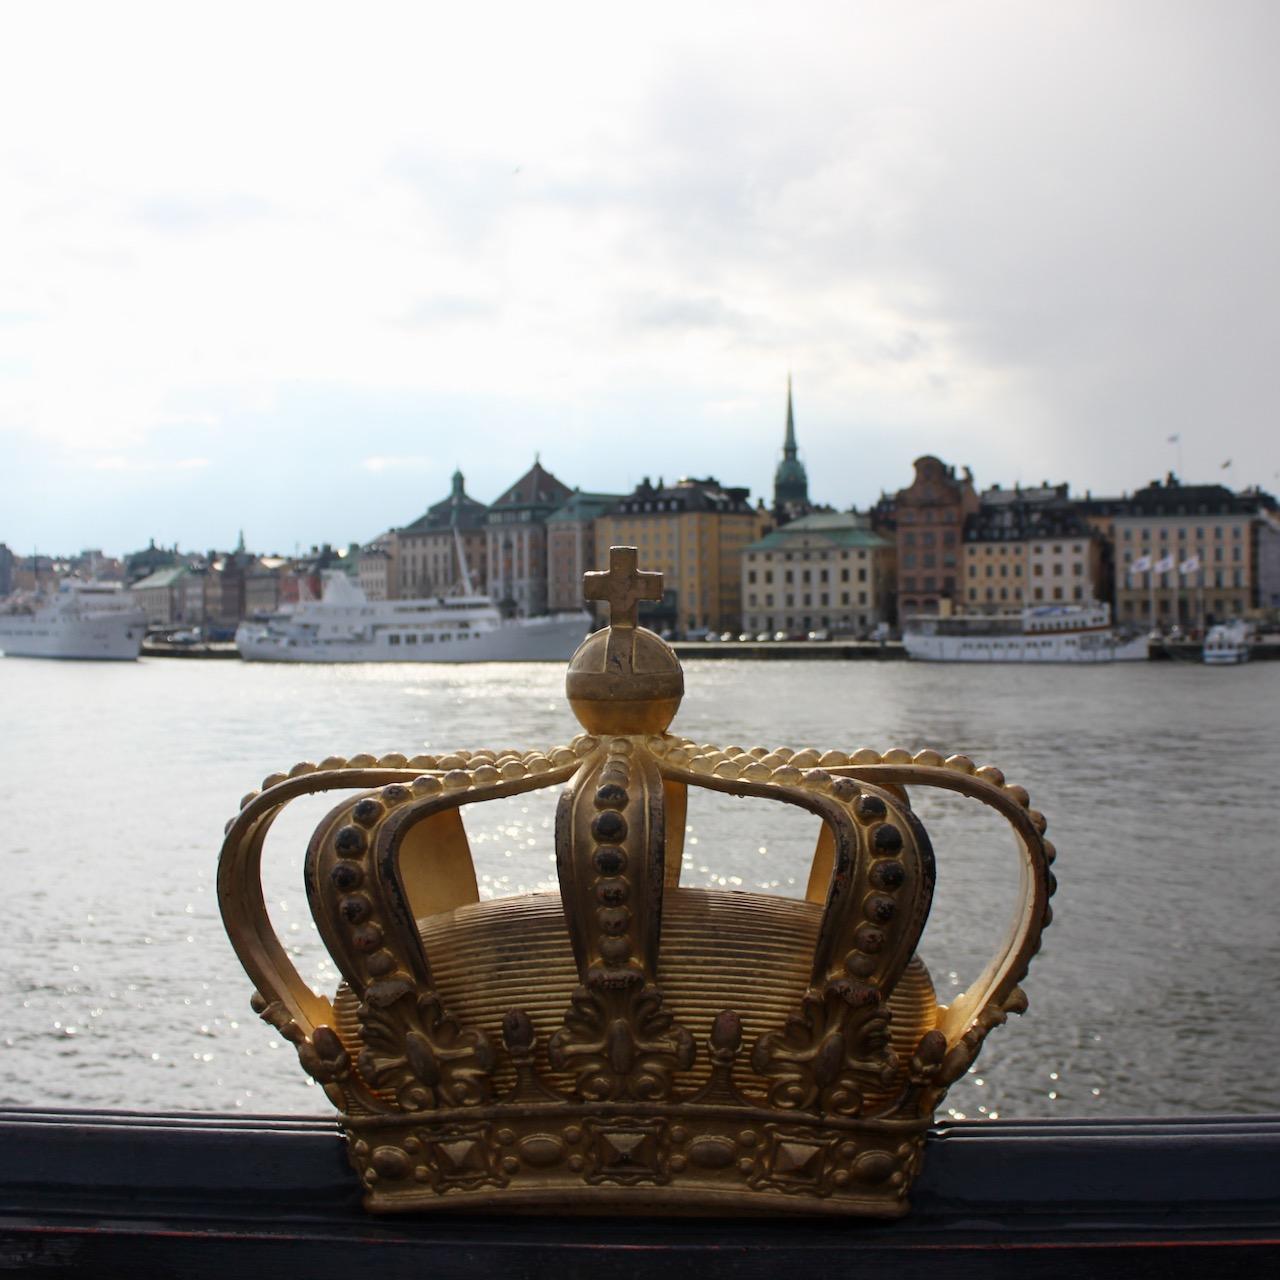 Stockholm, Sweden - 19